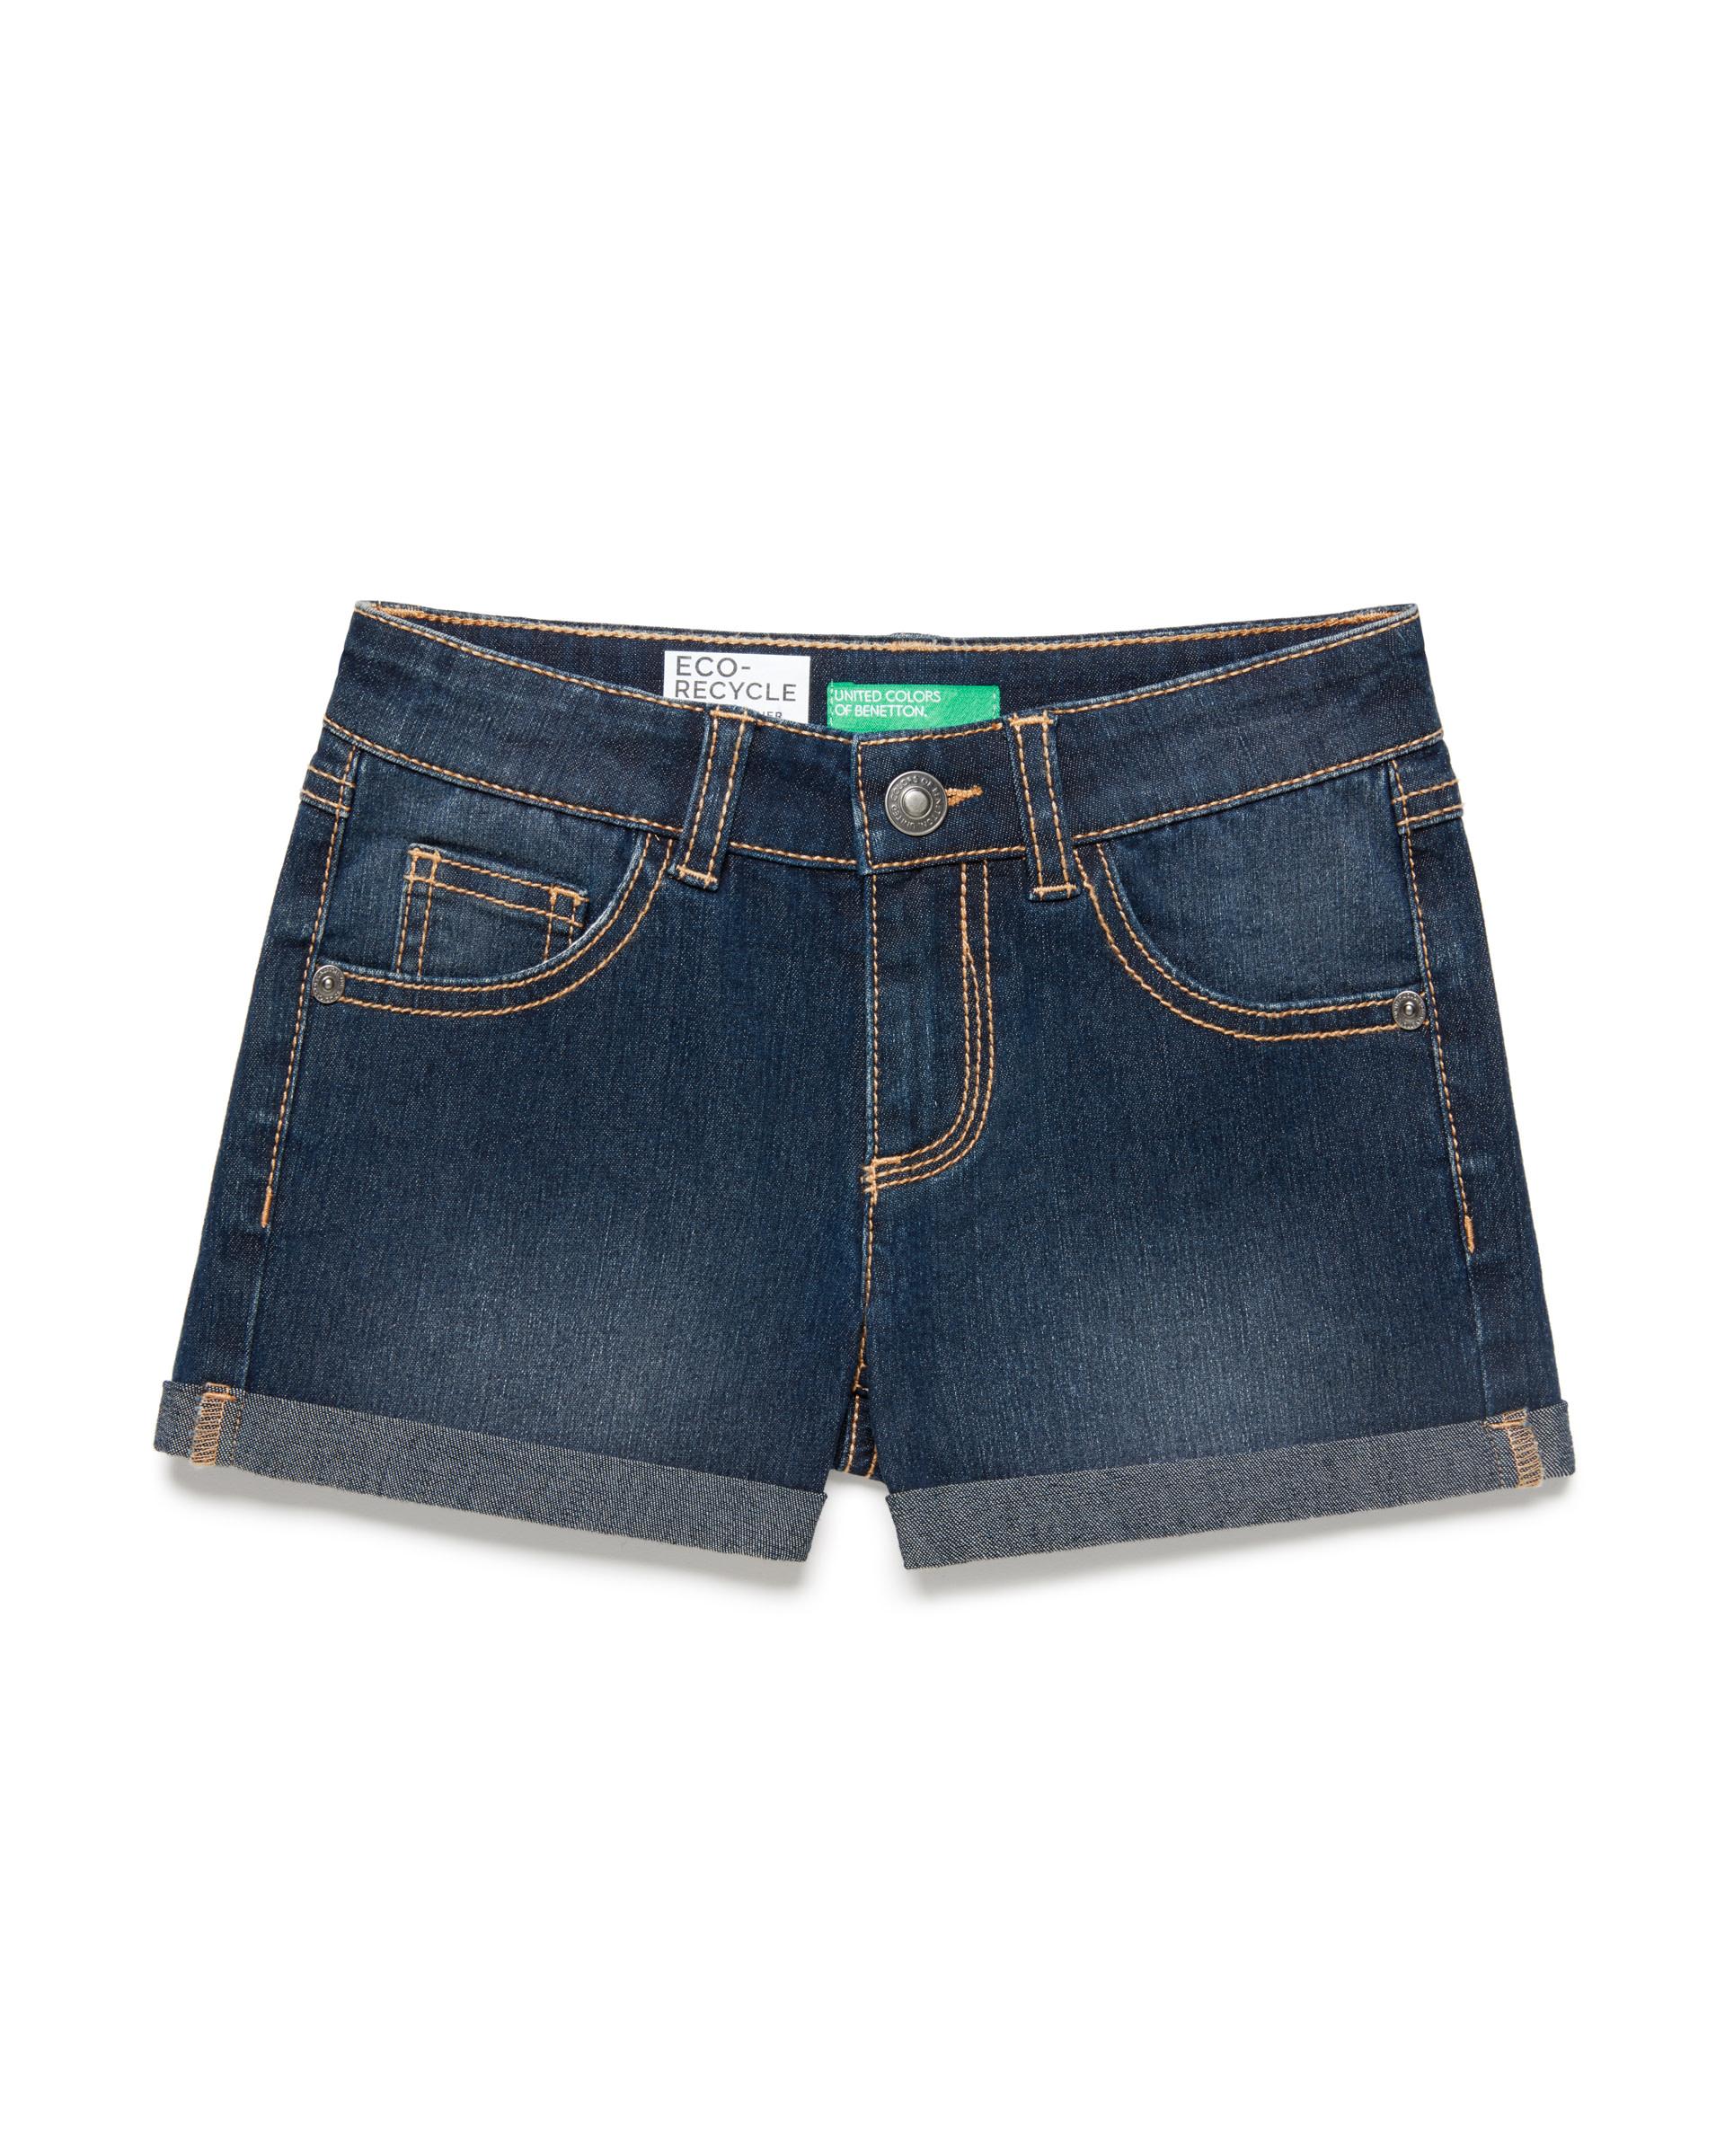 Купить 20P_4XA2597V0_901, Джинсовые шорты для девочек Benetton 4XA2597V0_901 р-р 128, United Colors of Benetton, Шорты для девочек